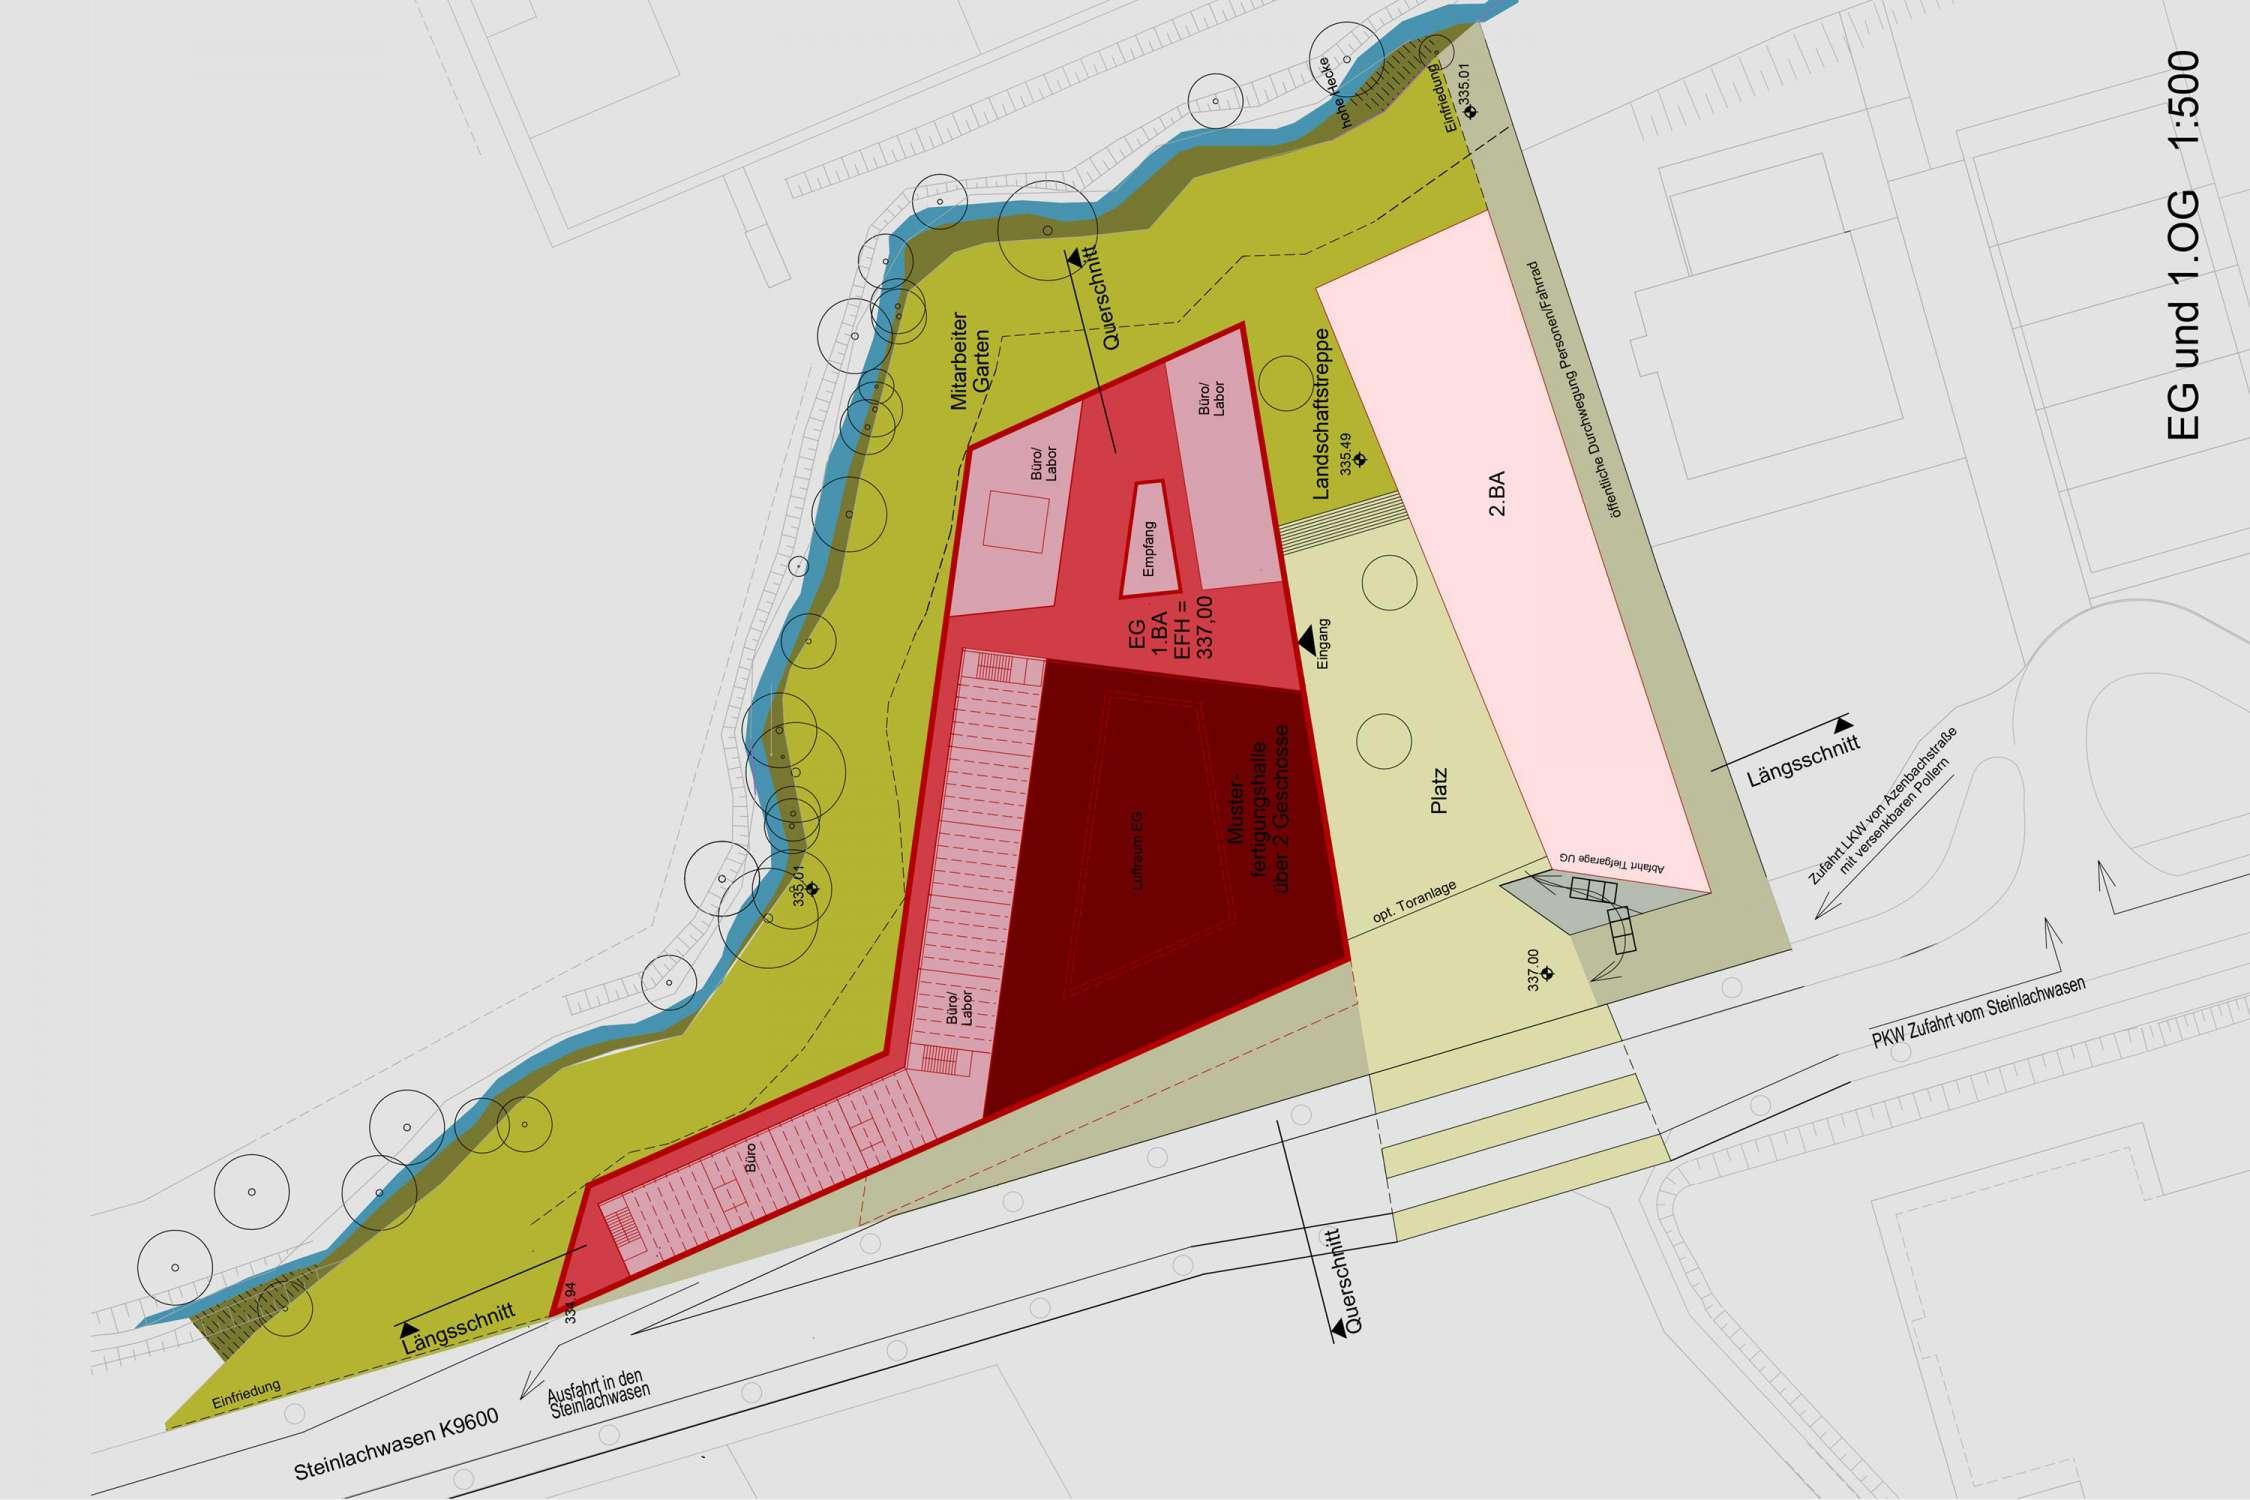 Forschungs- und Entwicklungszentrum Raunswiesen (2)